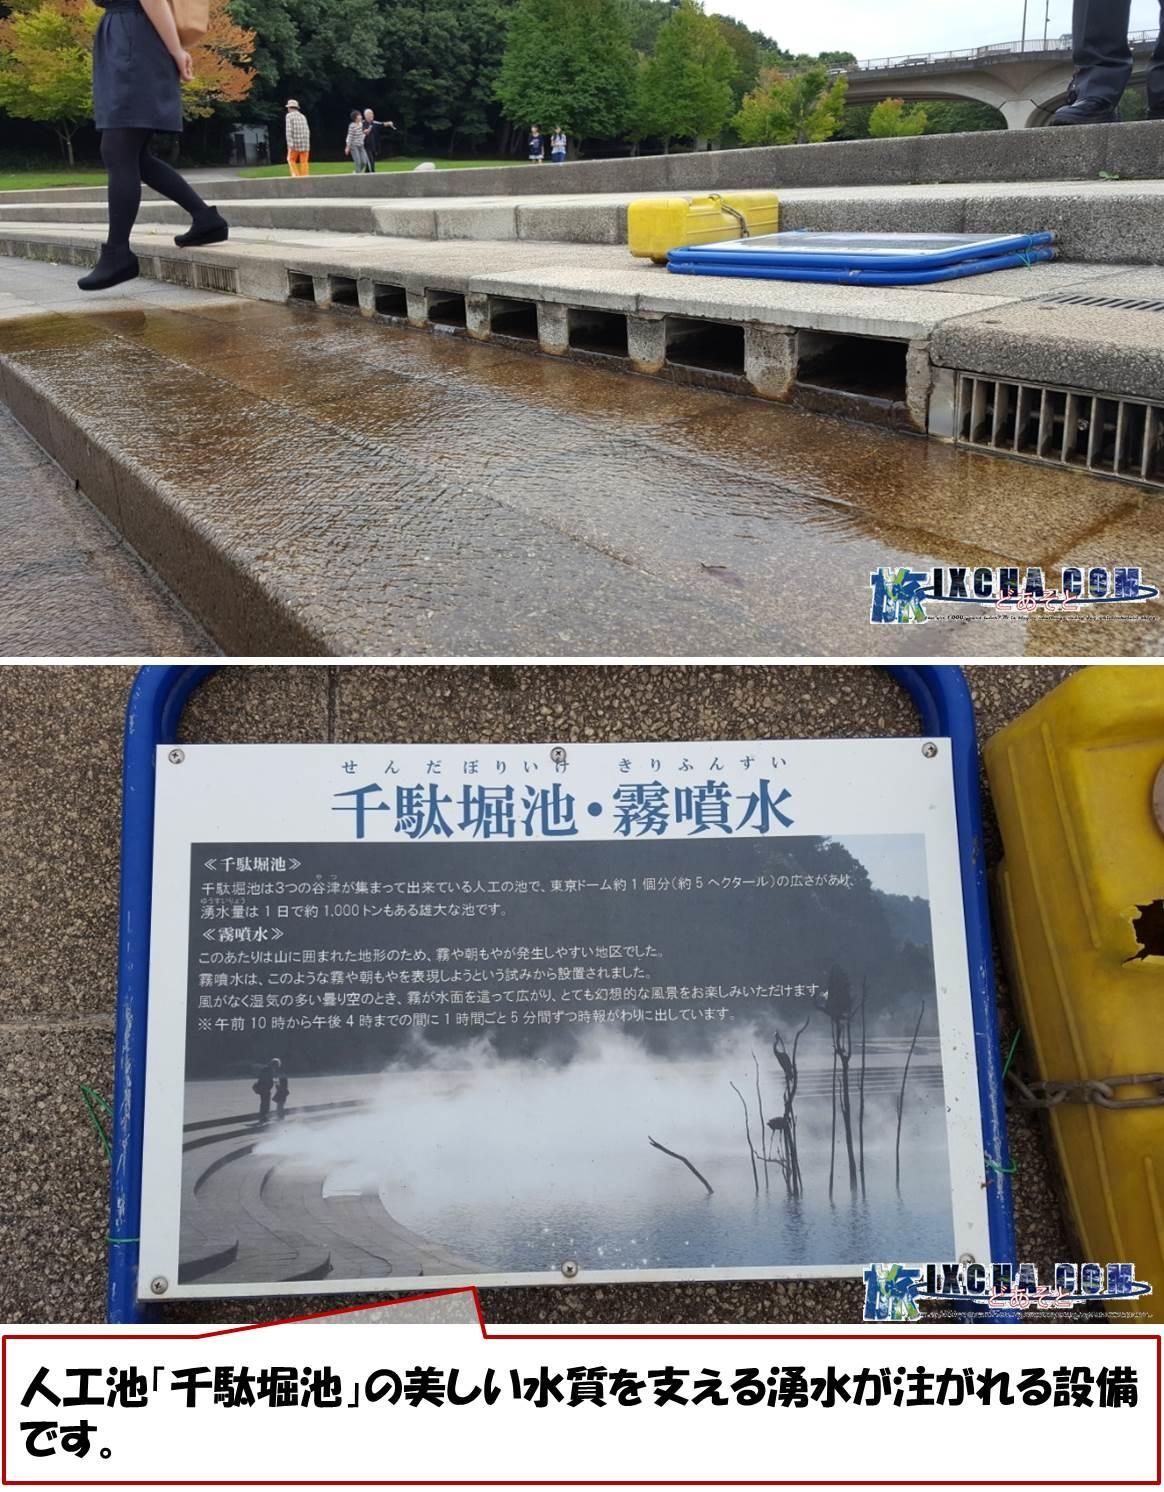 人工池「千駄堀池」の美しい水質を支える湧水が注がれる設備です。